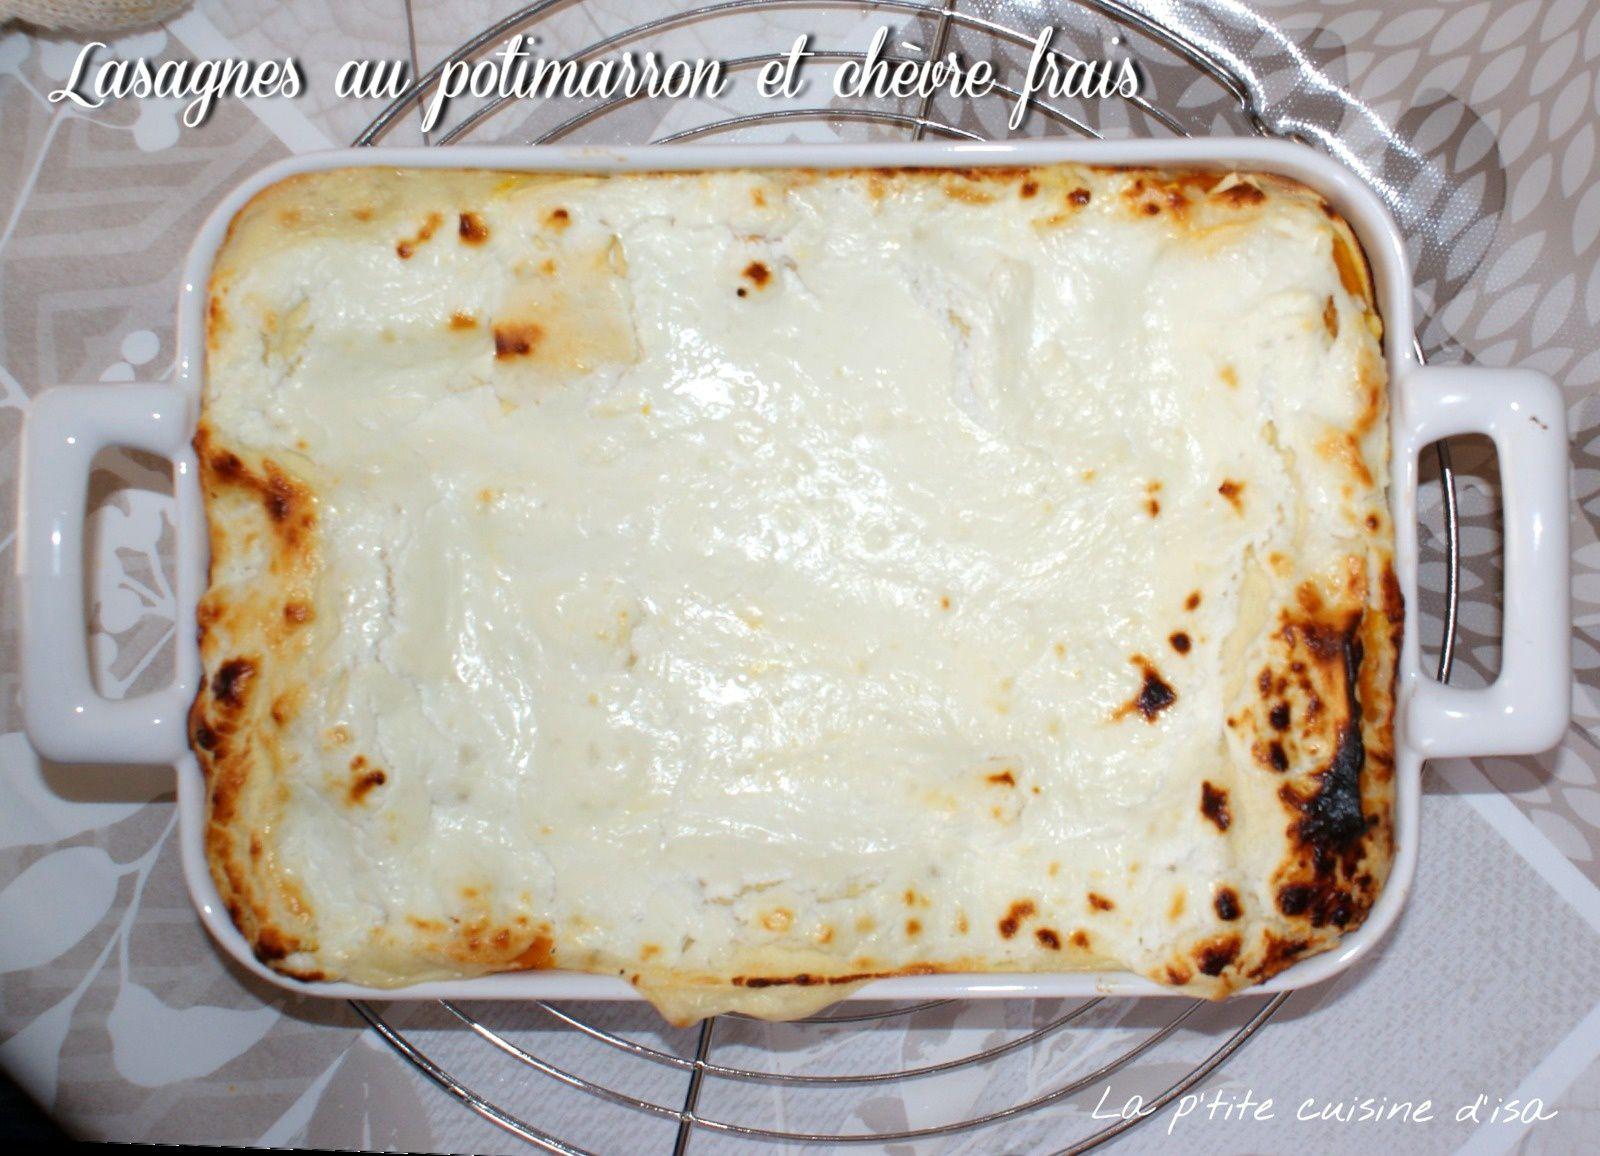 Lasagnes au potimarron et chèvre frais